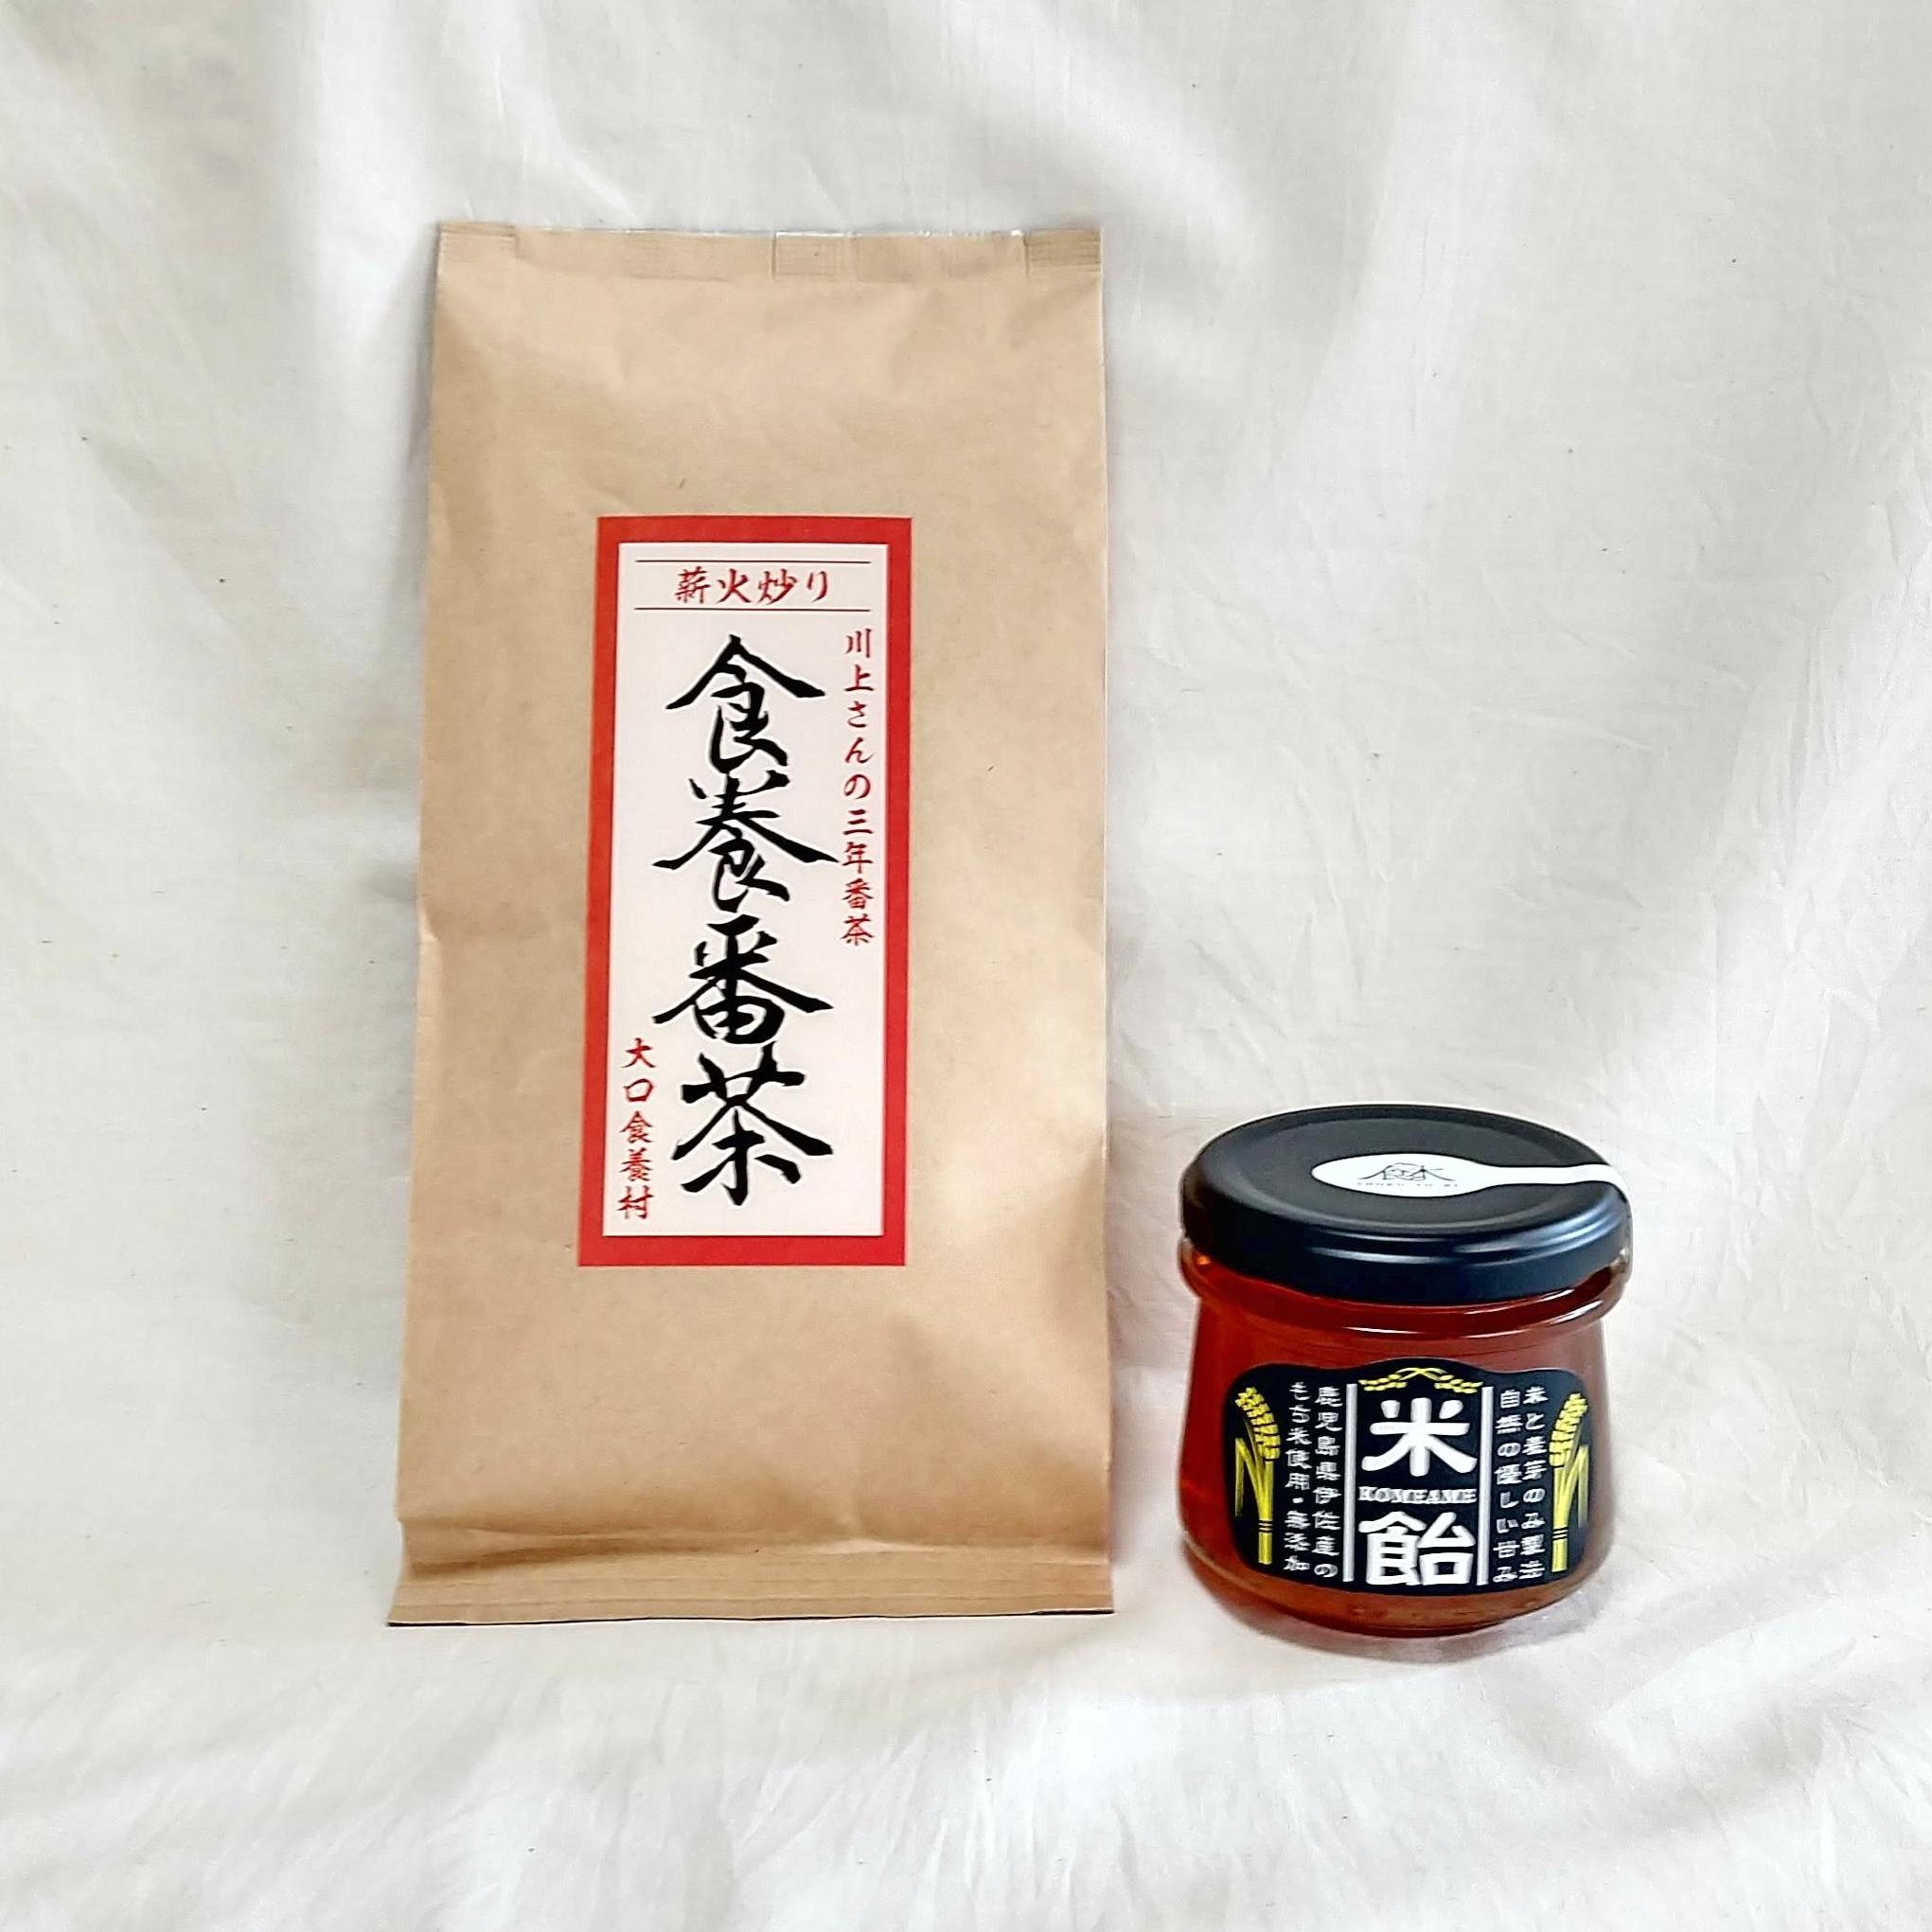 米飴1個、食養番茶120gのセット【送料込み】